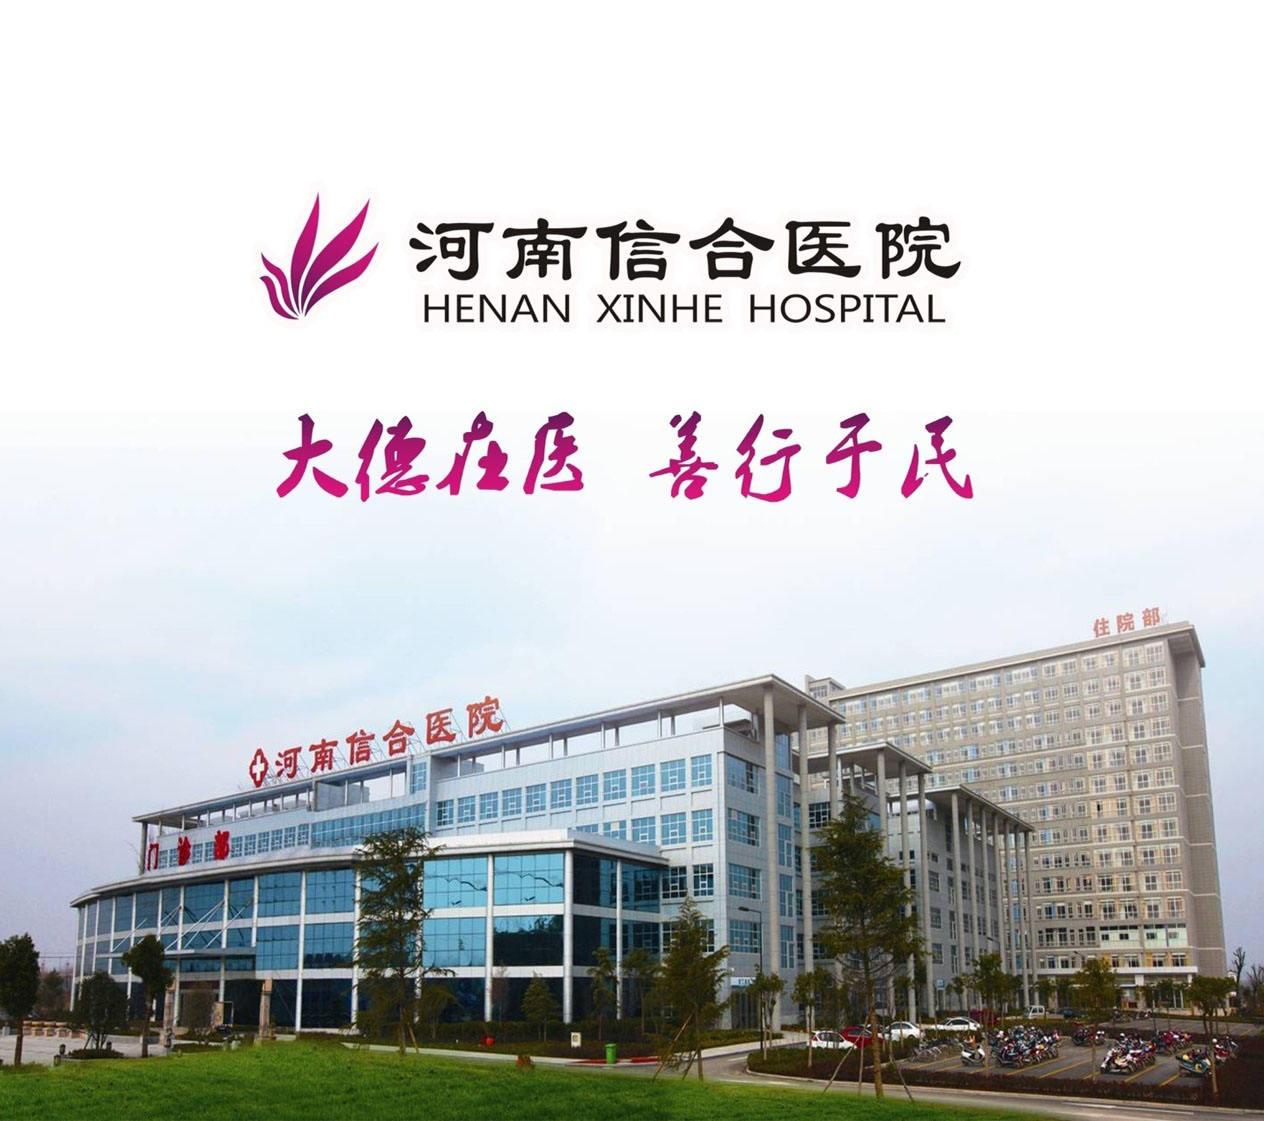 河南信合医院